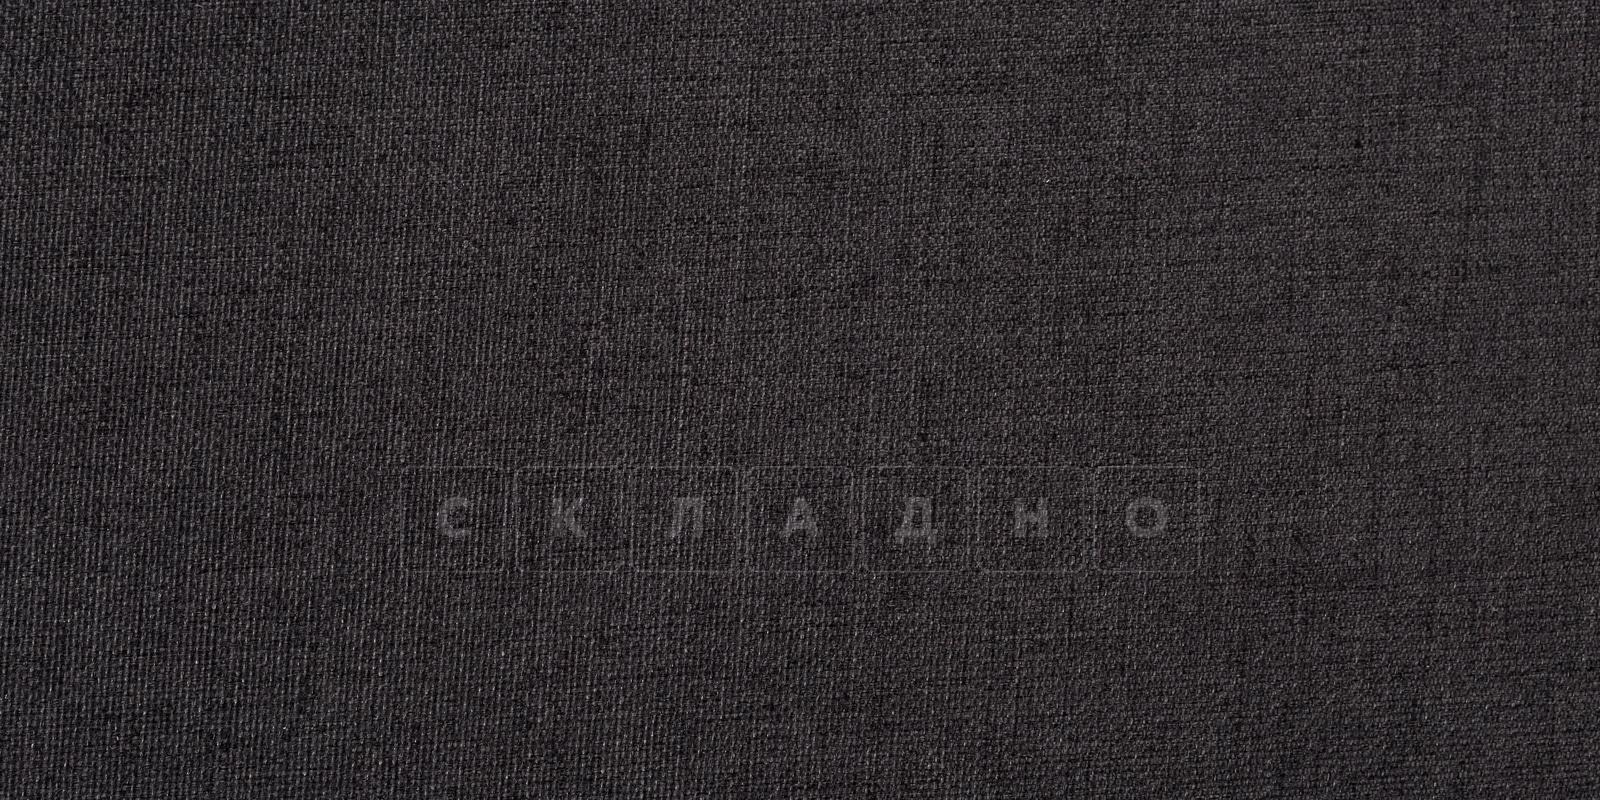 Угловой диван Медисон темно-серый 244х224 см фото 7 | интернет-магазин Складно